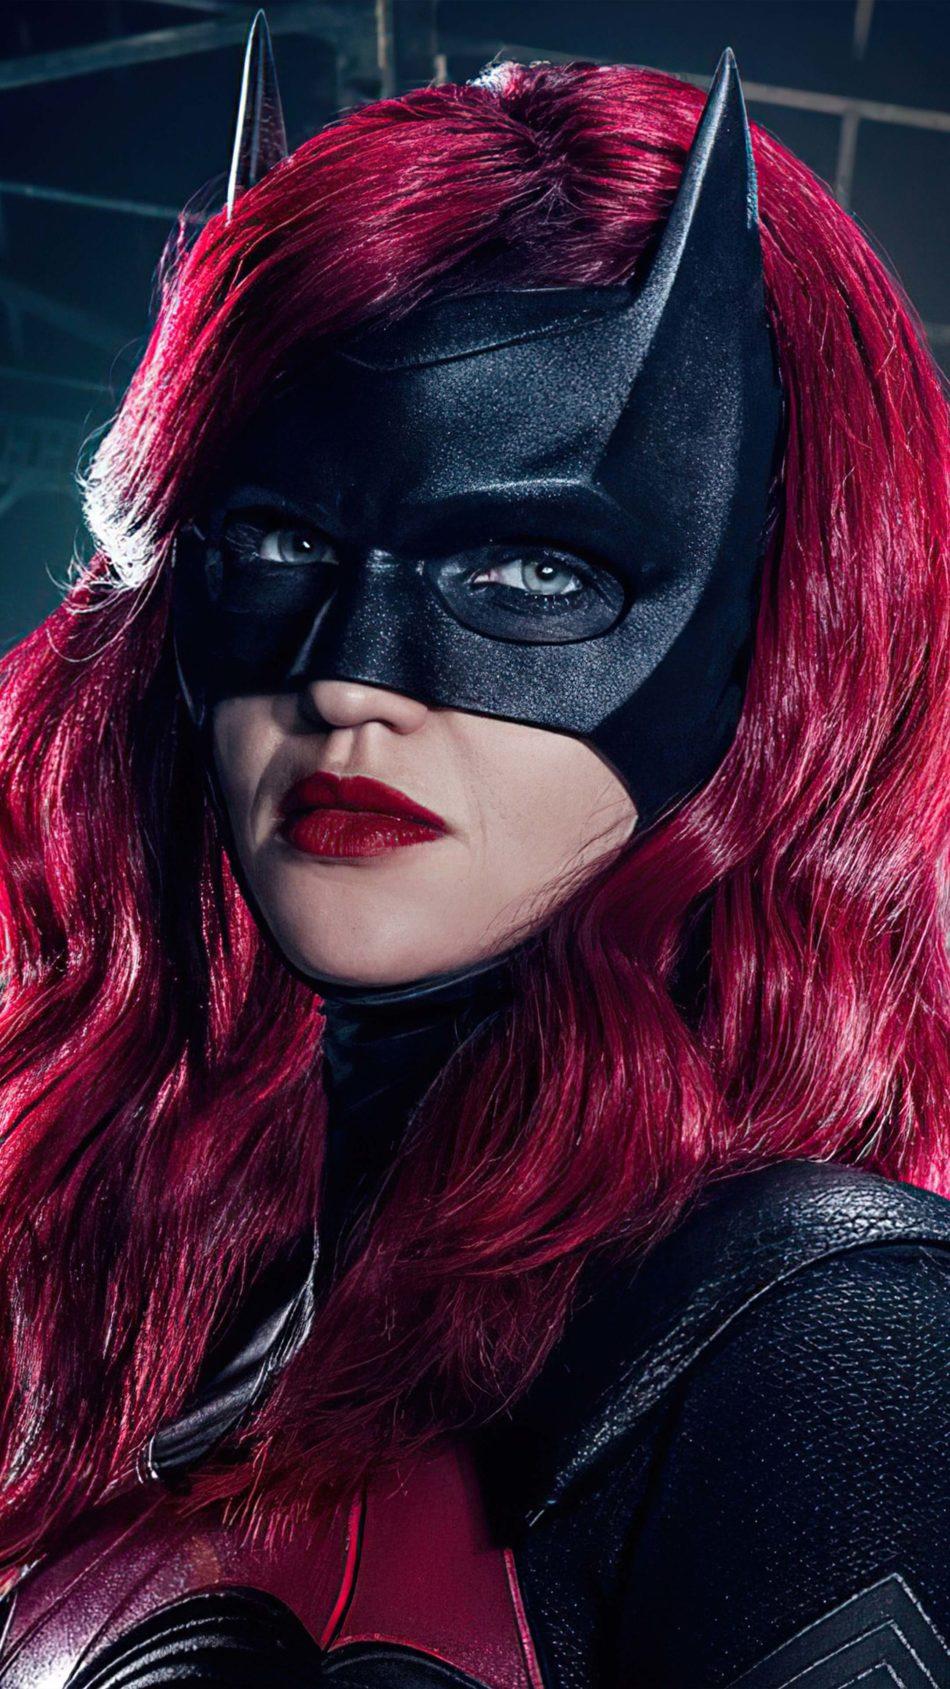 Ruby Rose In Batwoman 2020 4K Ultra HD Mobile Wallpaper